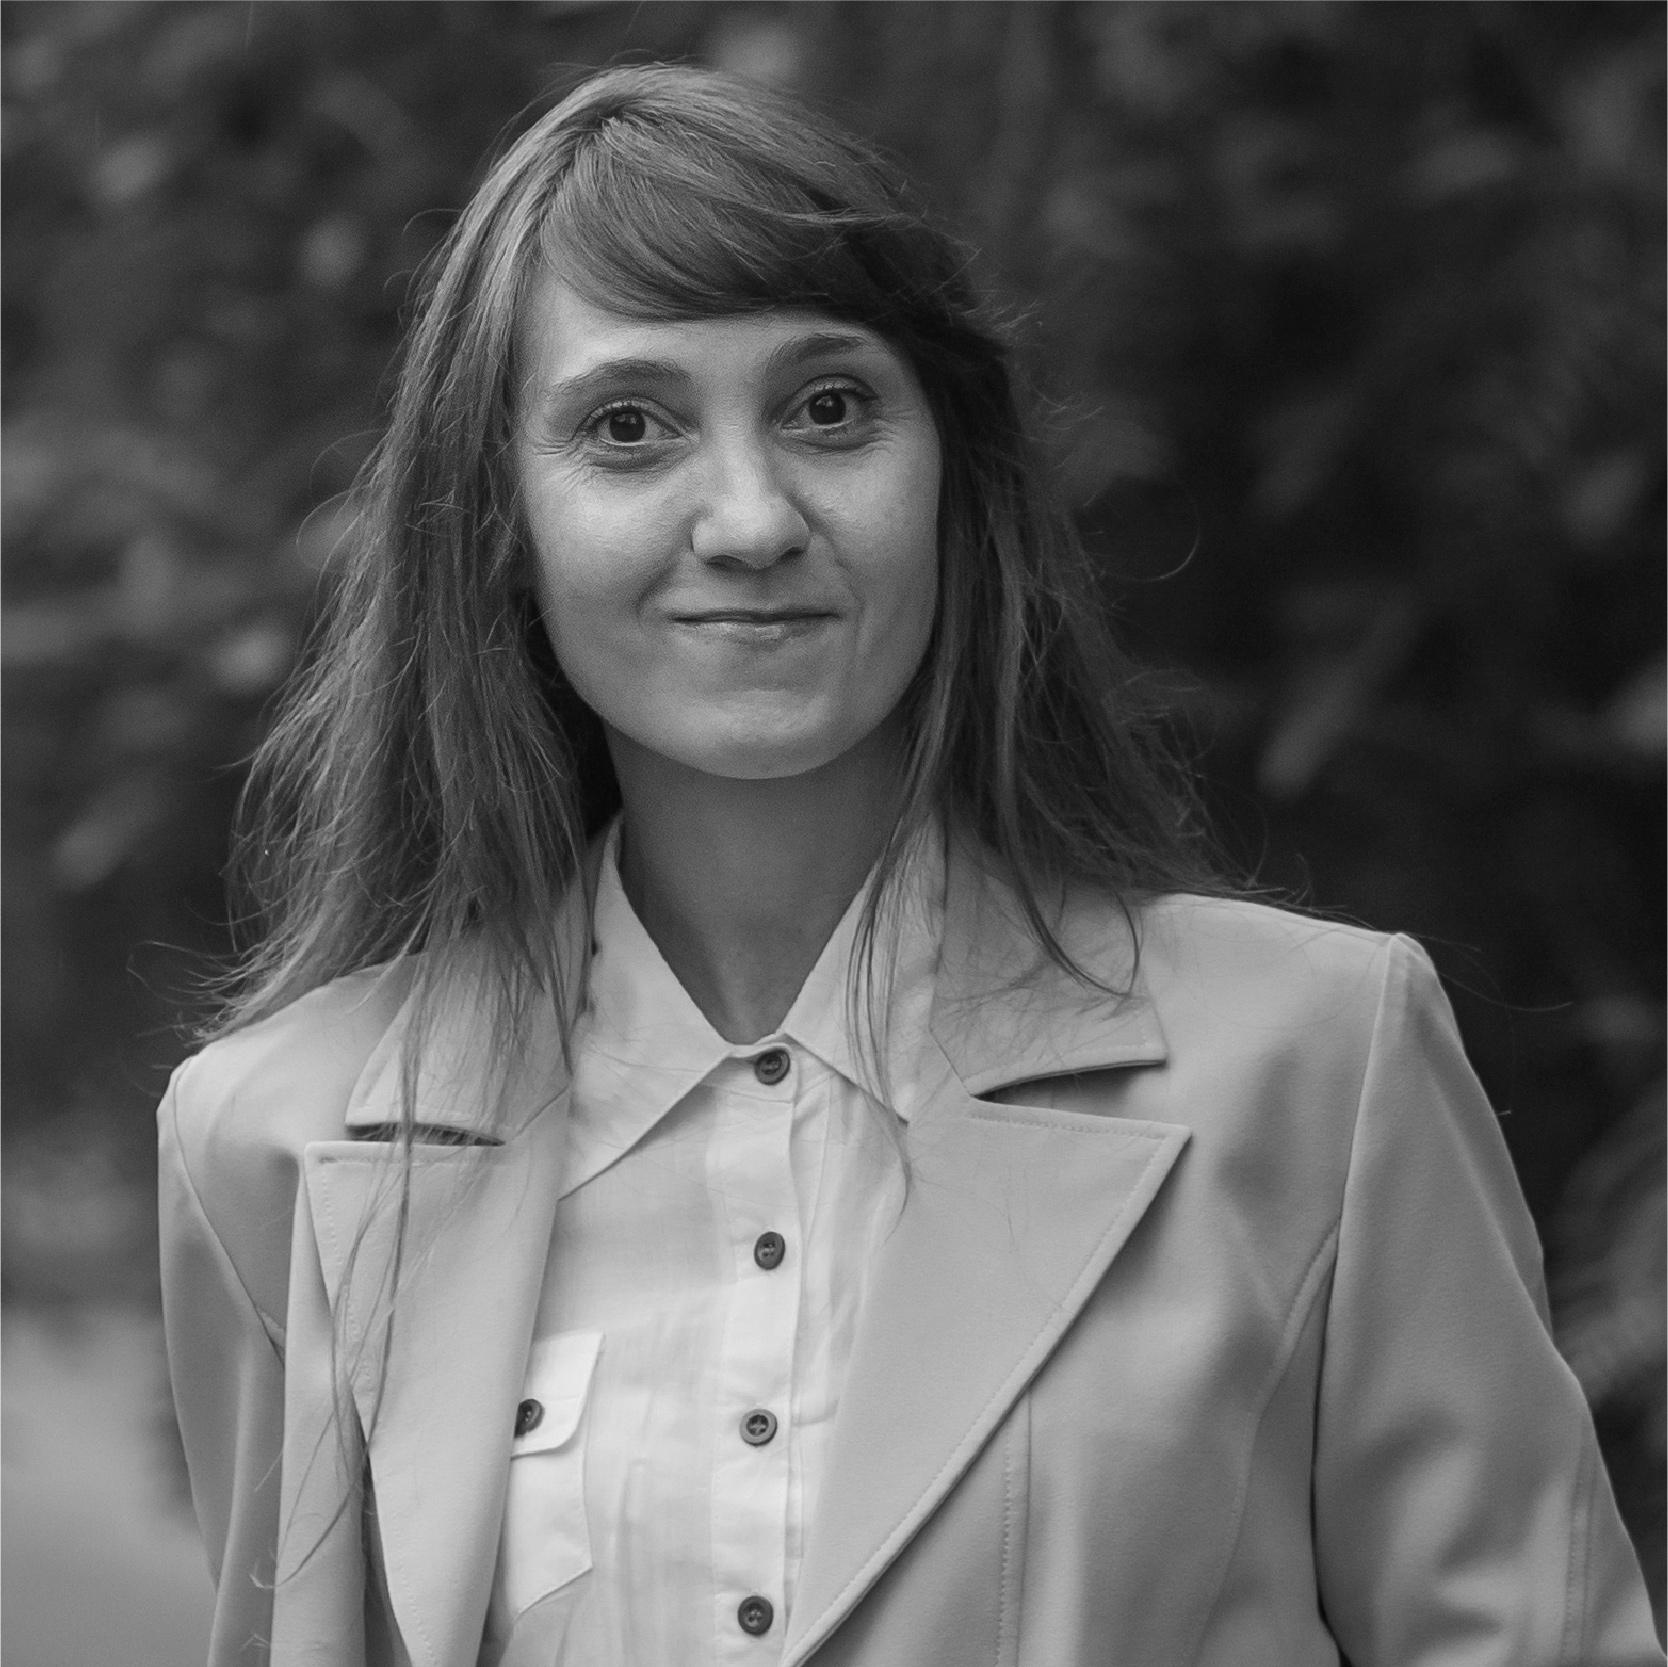 Silvina Gisela Masciarelli